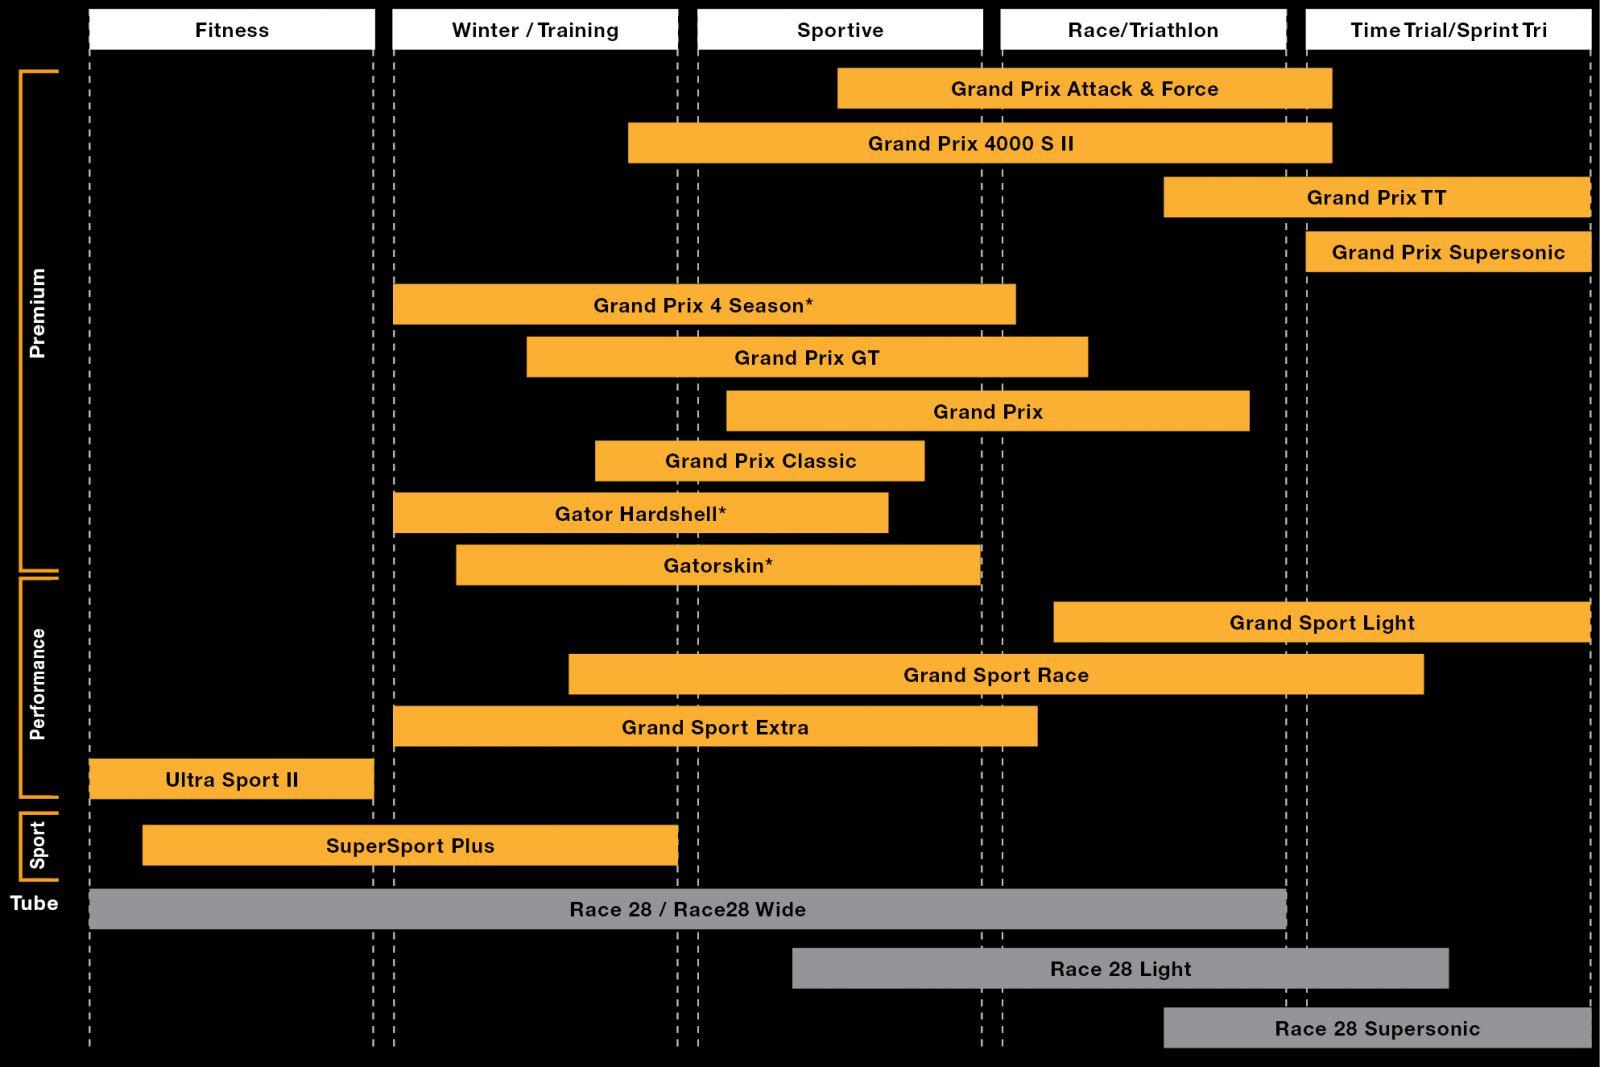 tabla comparativa del uso de las cubiertas continental